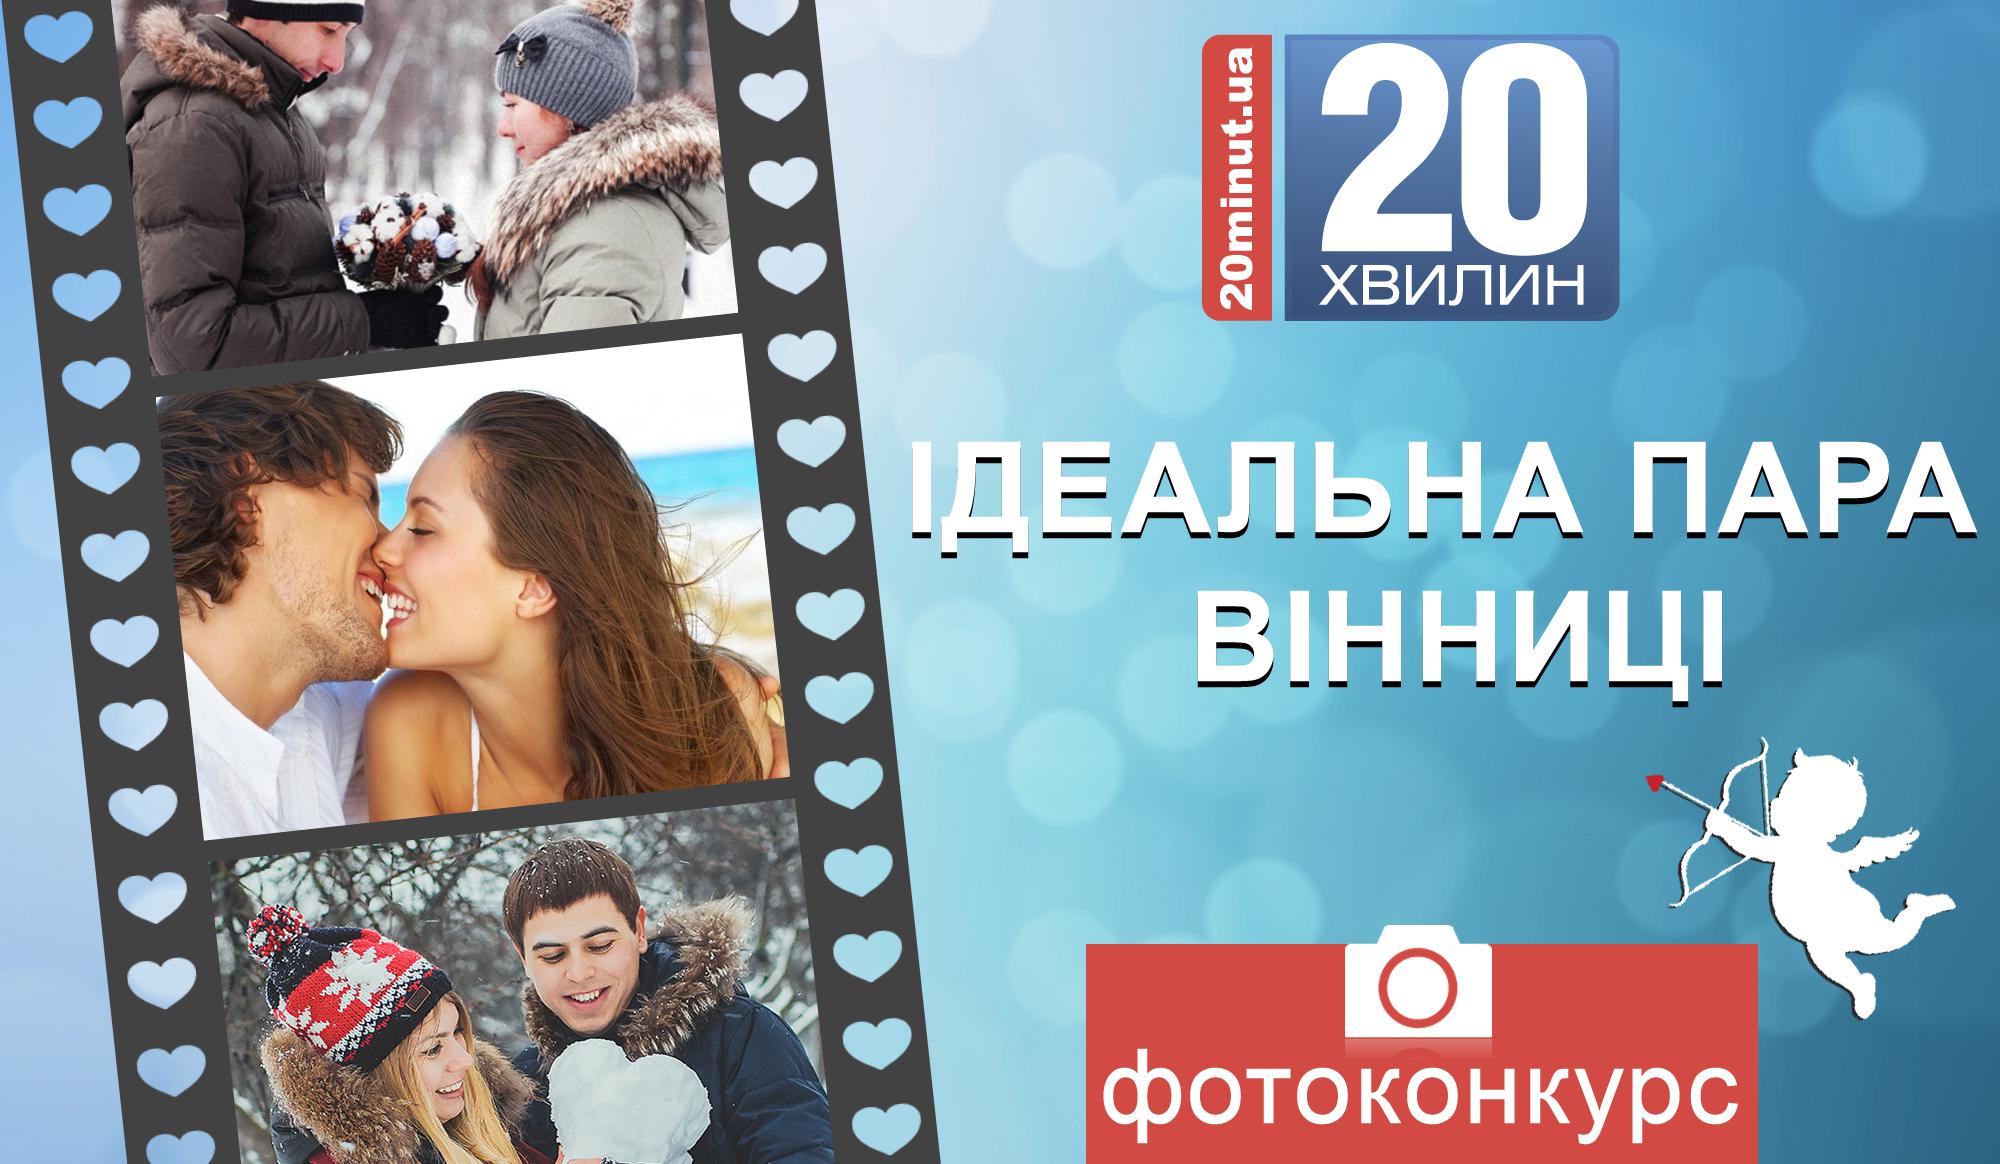 """Конкурс """"Ідеальна пара Вінниці"""": переможці Анна та Микола Джуринські"""